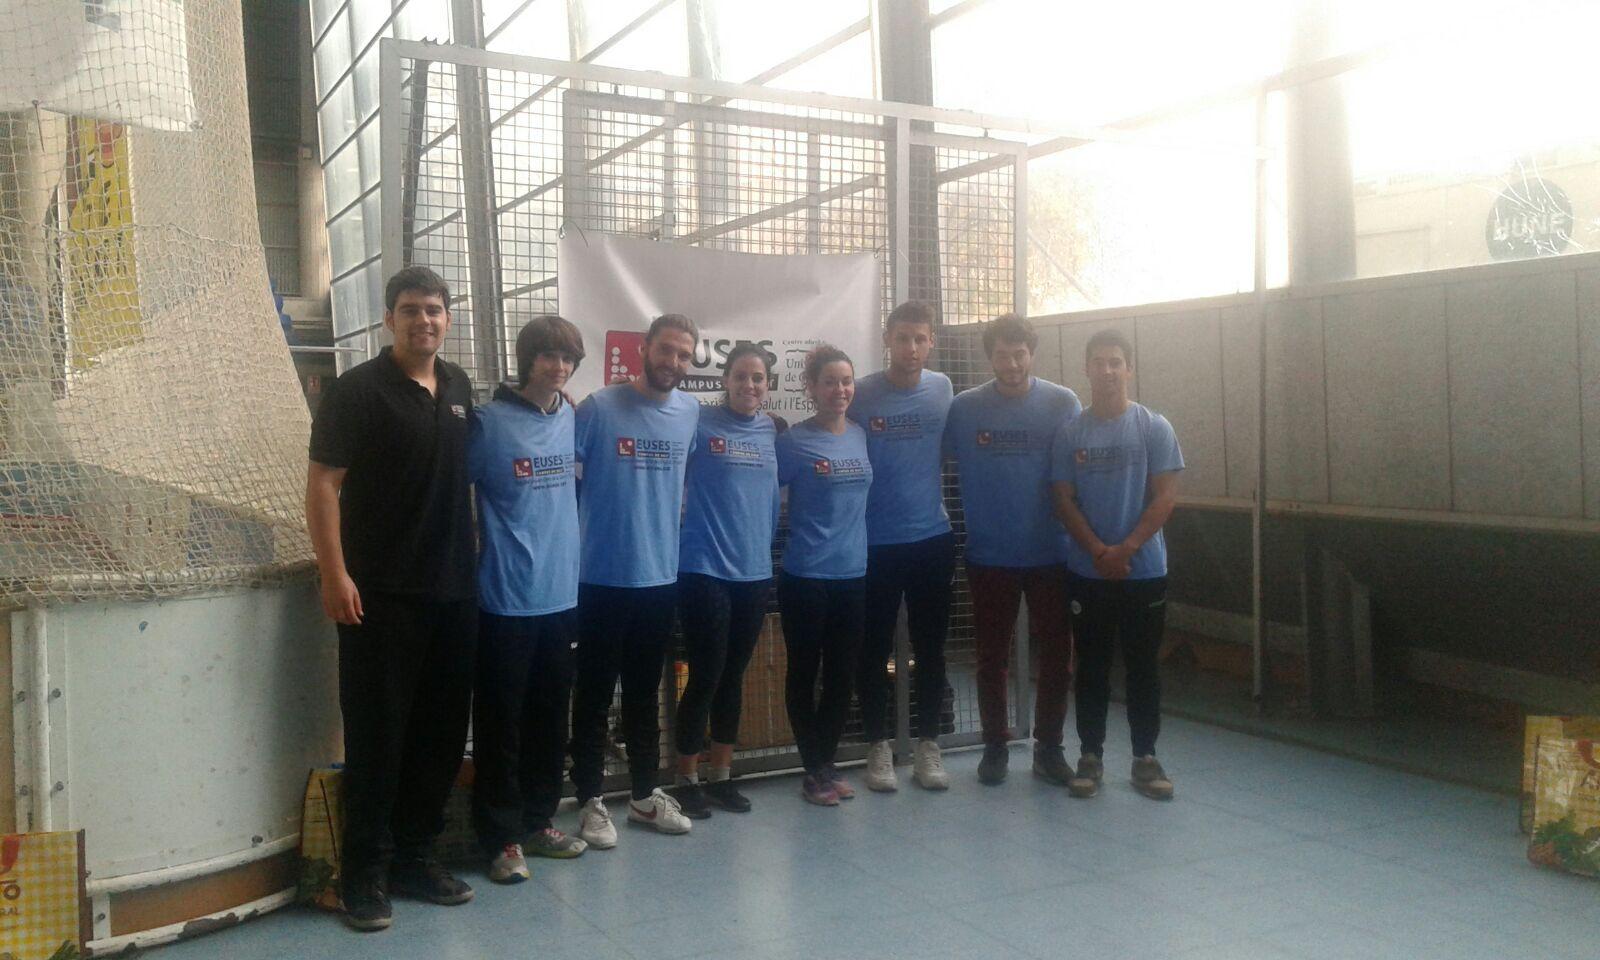 Estudiants del Grau en Fisioteràpia d'EUSES recuperen els participants de la Mitja Marató de Mataró